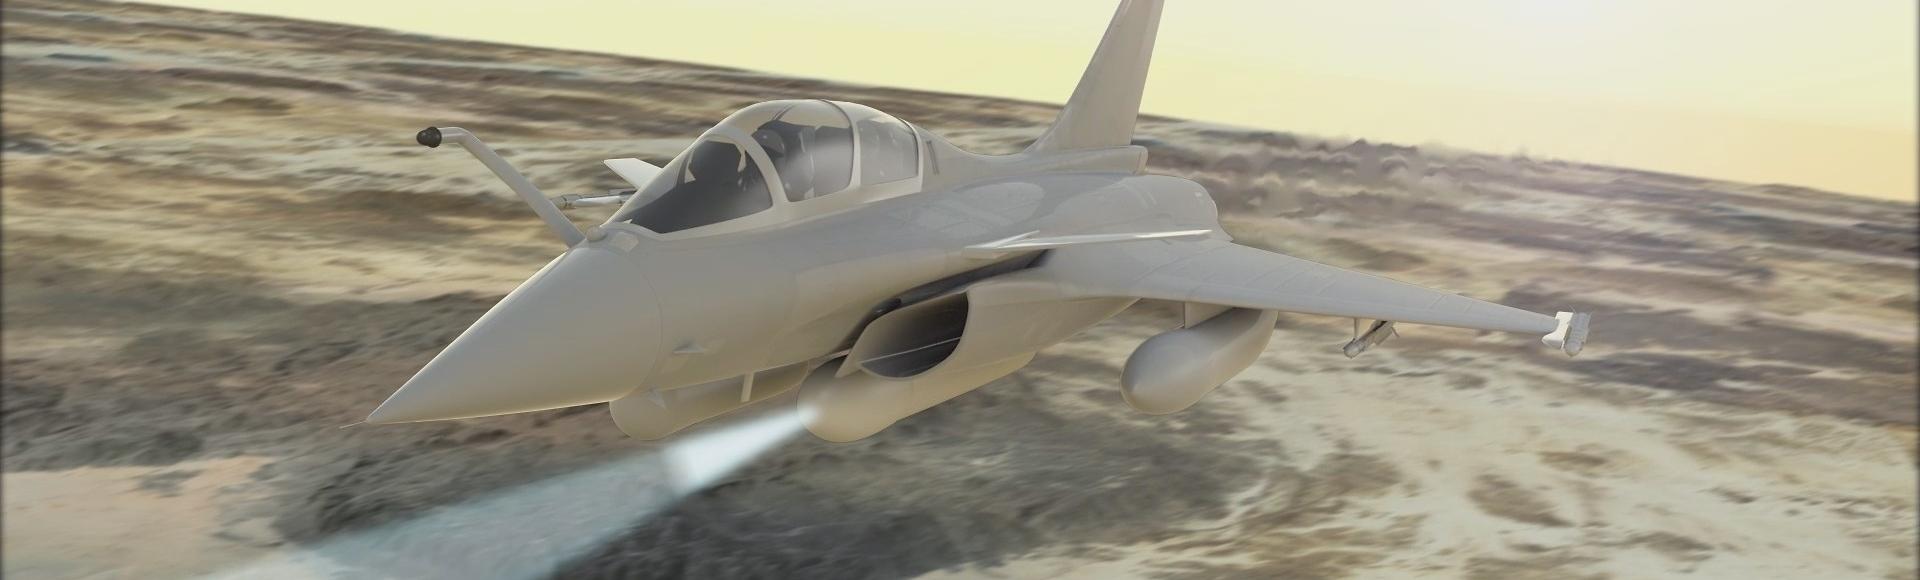 animation en infographie 3d pour le secteur de la défense militaire